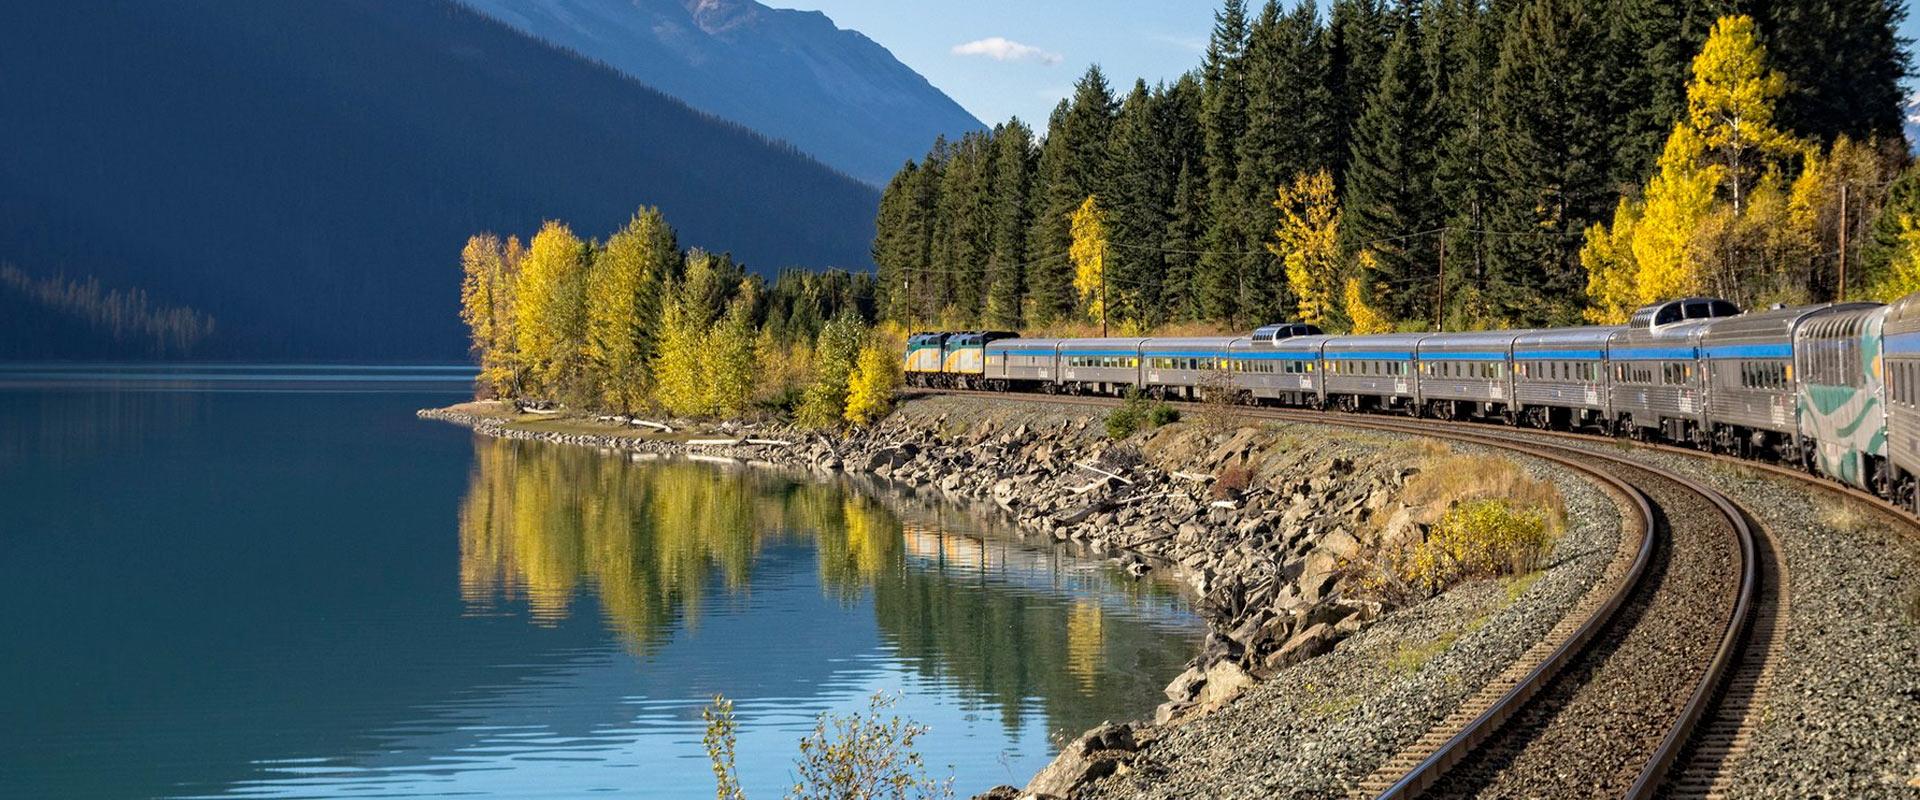 Trem no Canadá